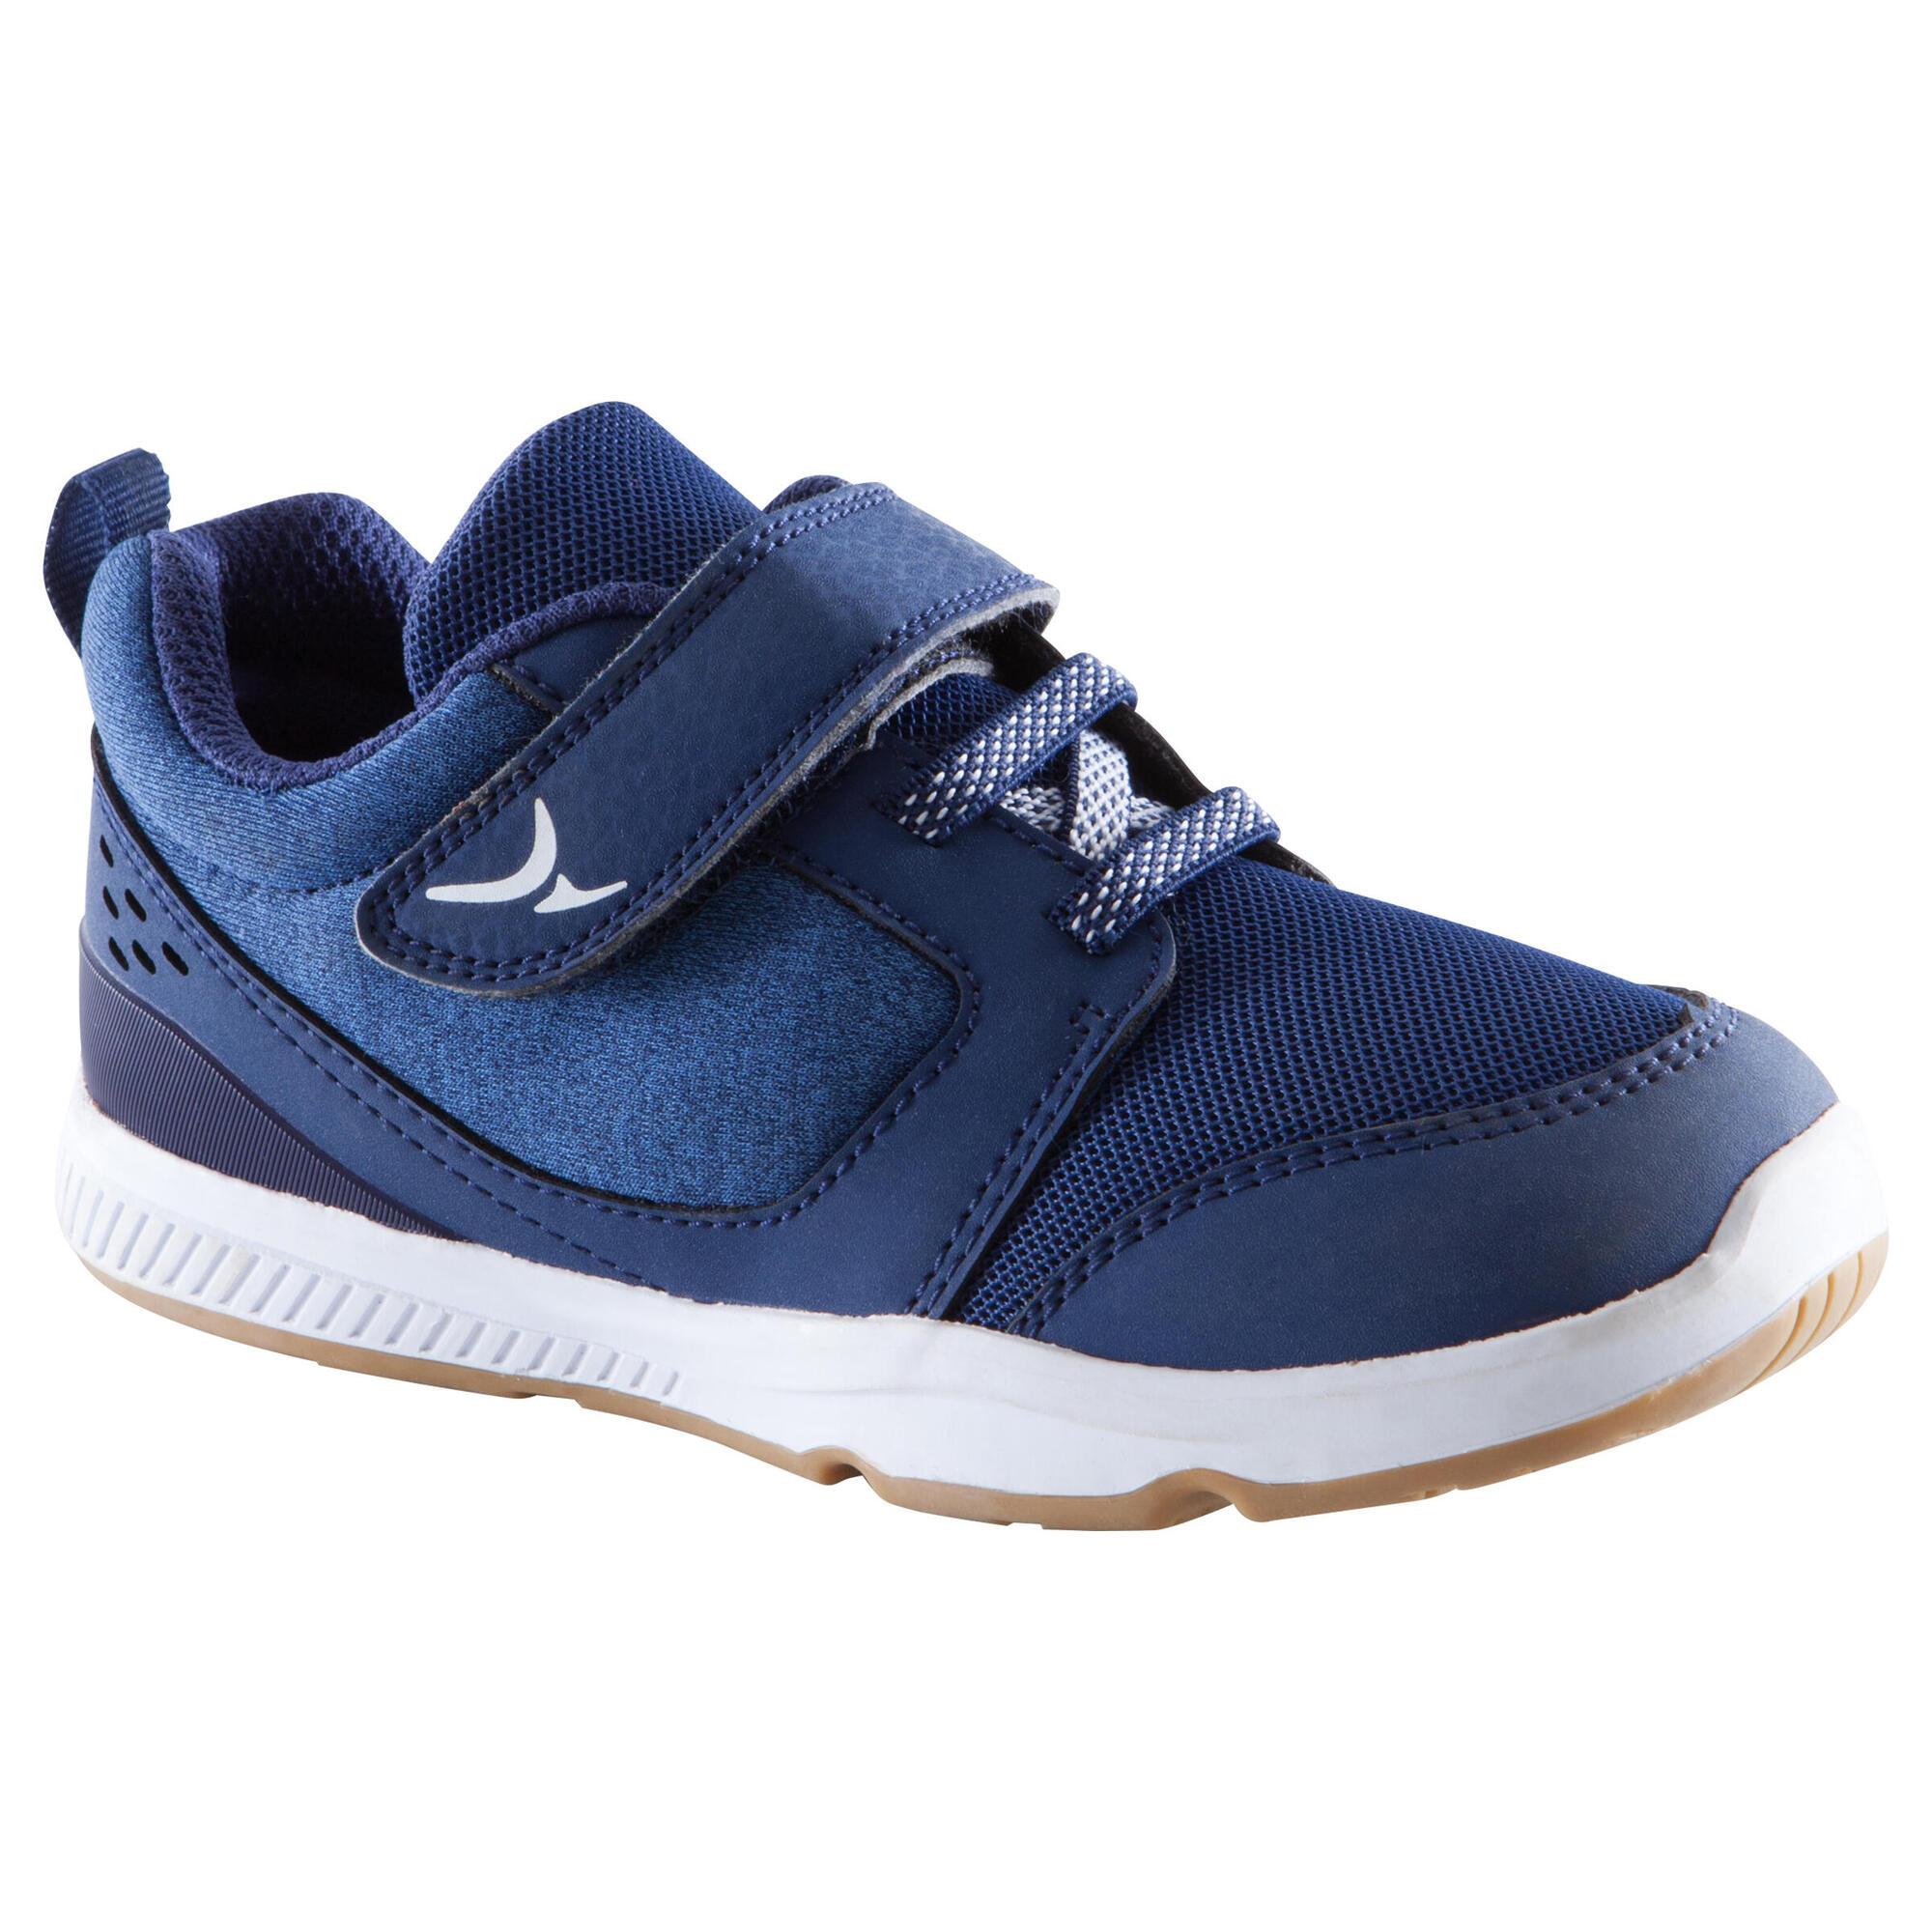 Chaussures et accessoires fitness et musculation  4d7f65a9b44